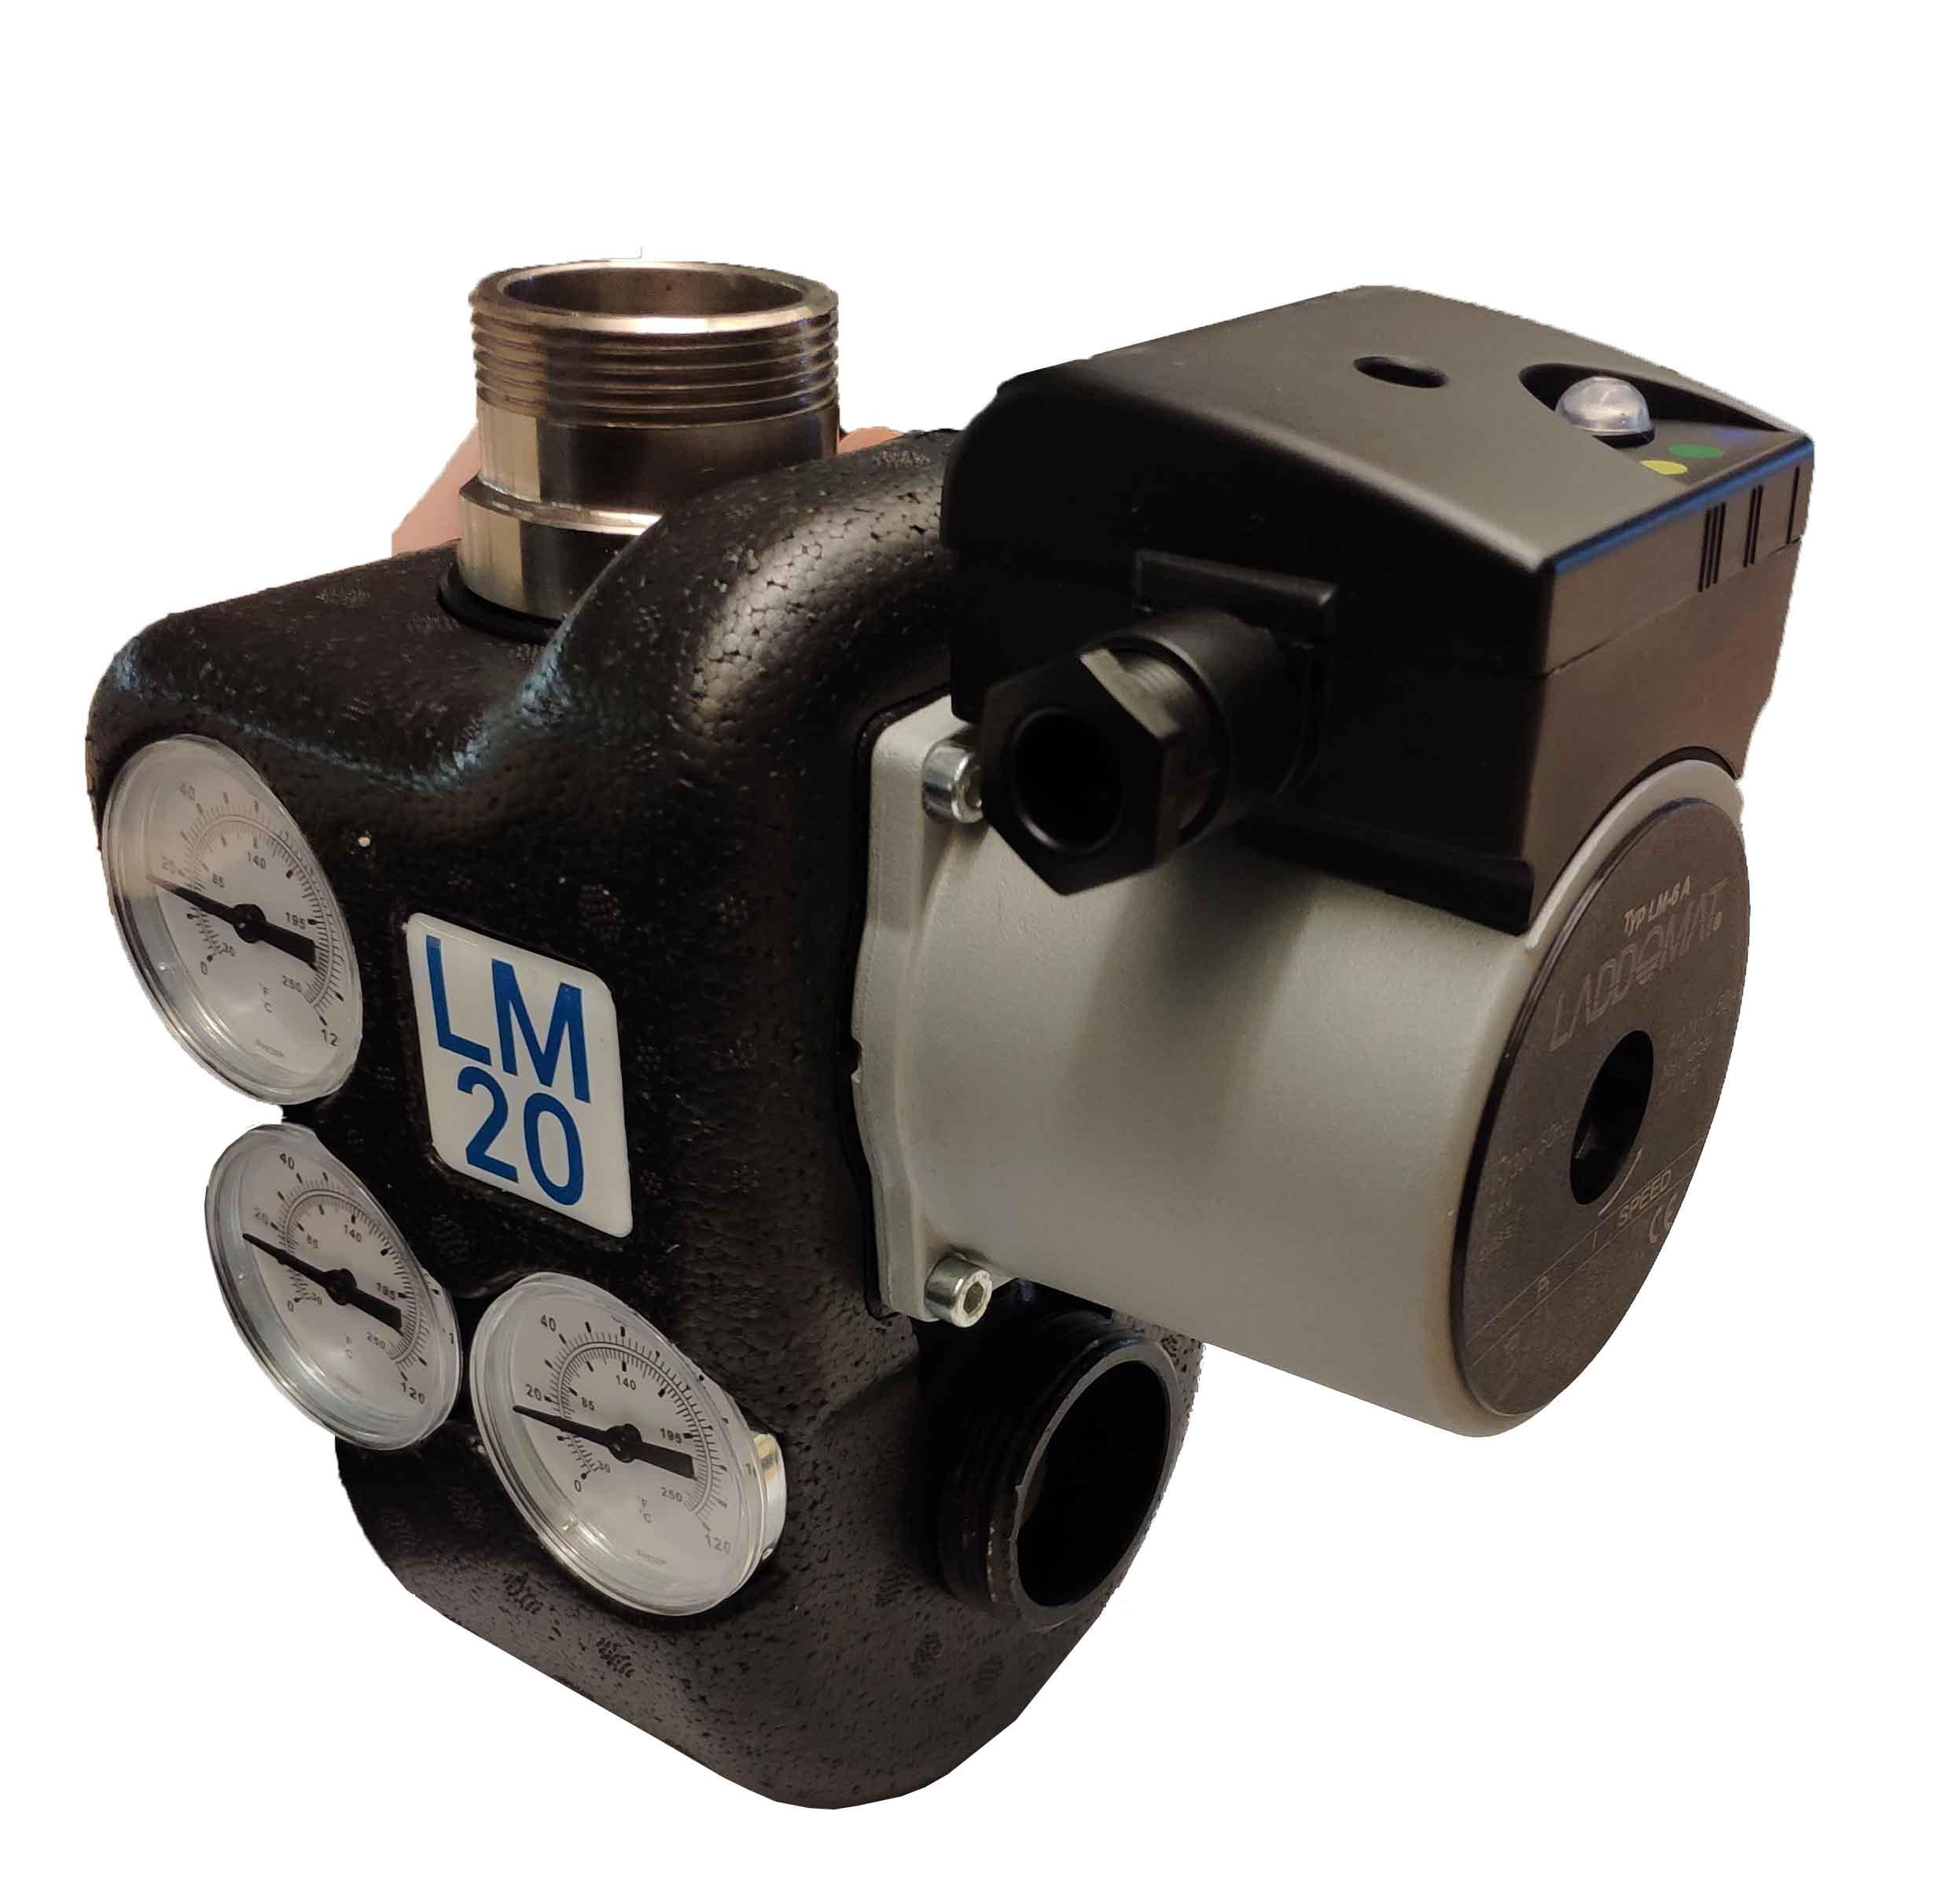 Laddomat 20 z pompą elektroniczną -  R25, 72°C